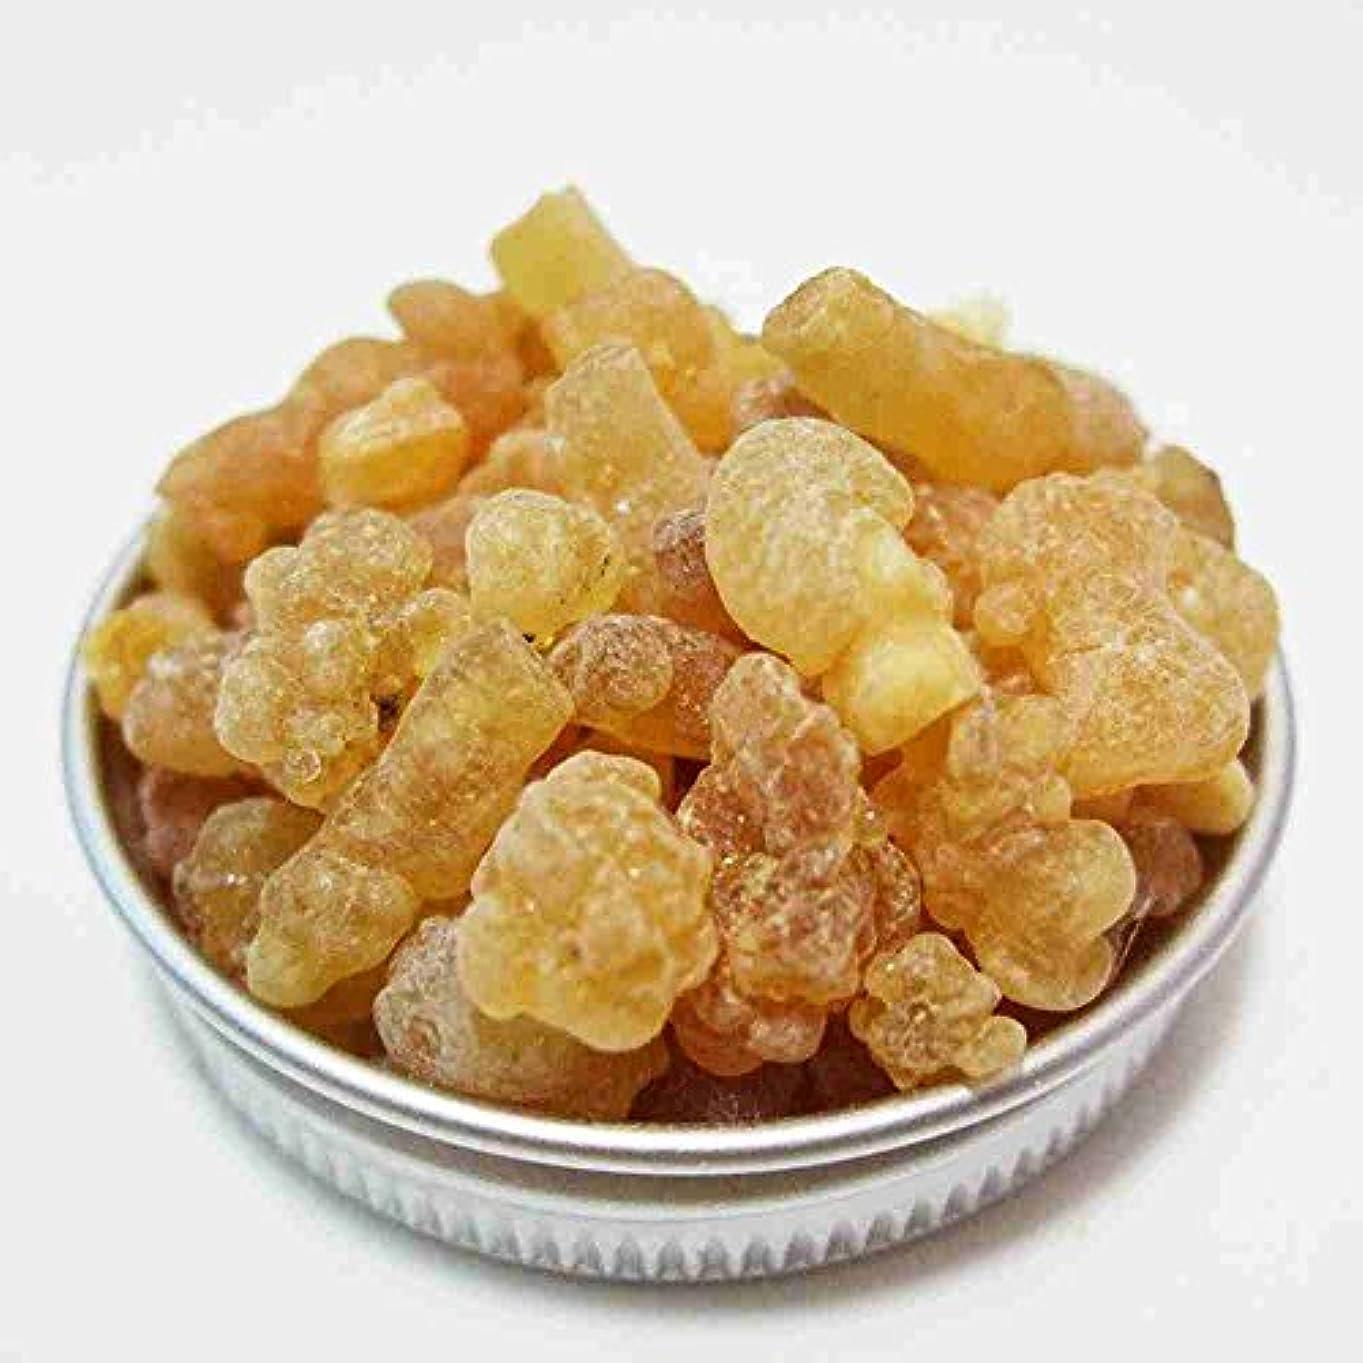 素晴らしい卑しい想像力フランキンセンス Frsnkincense (乳香) 天然樹脂香 フランキンセンス(乳香), 1 Ounce (28 g)